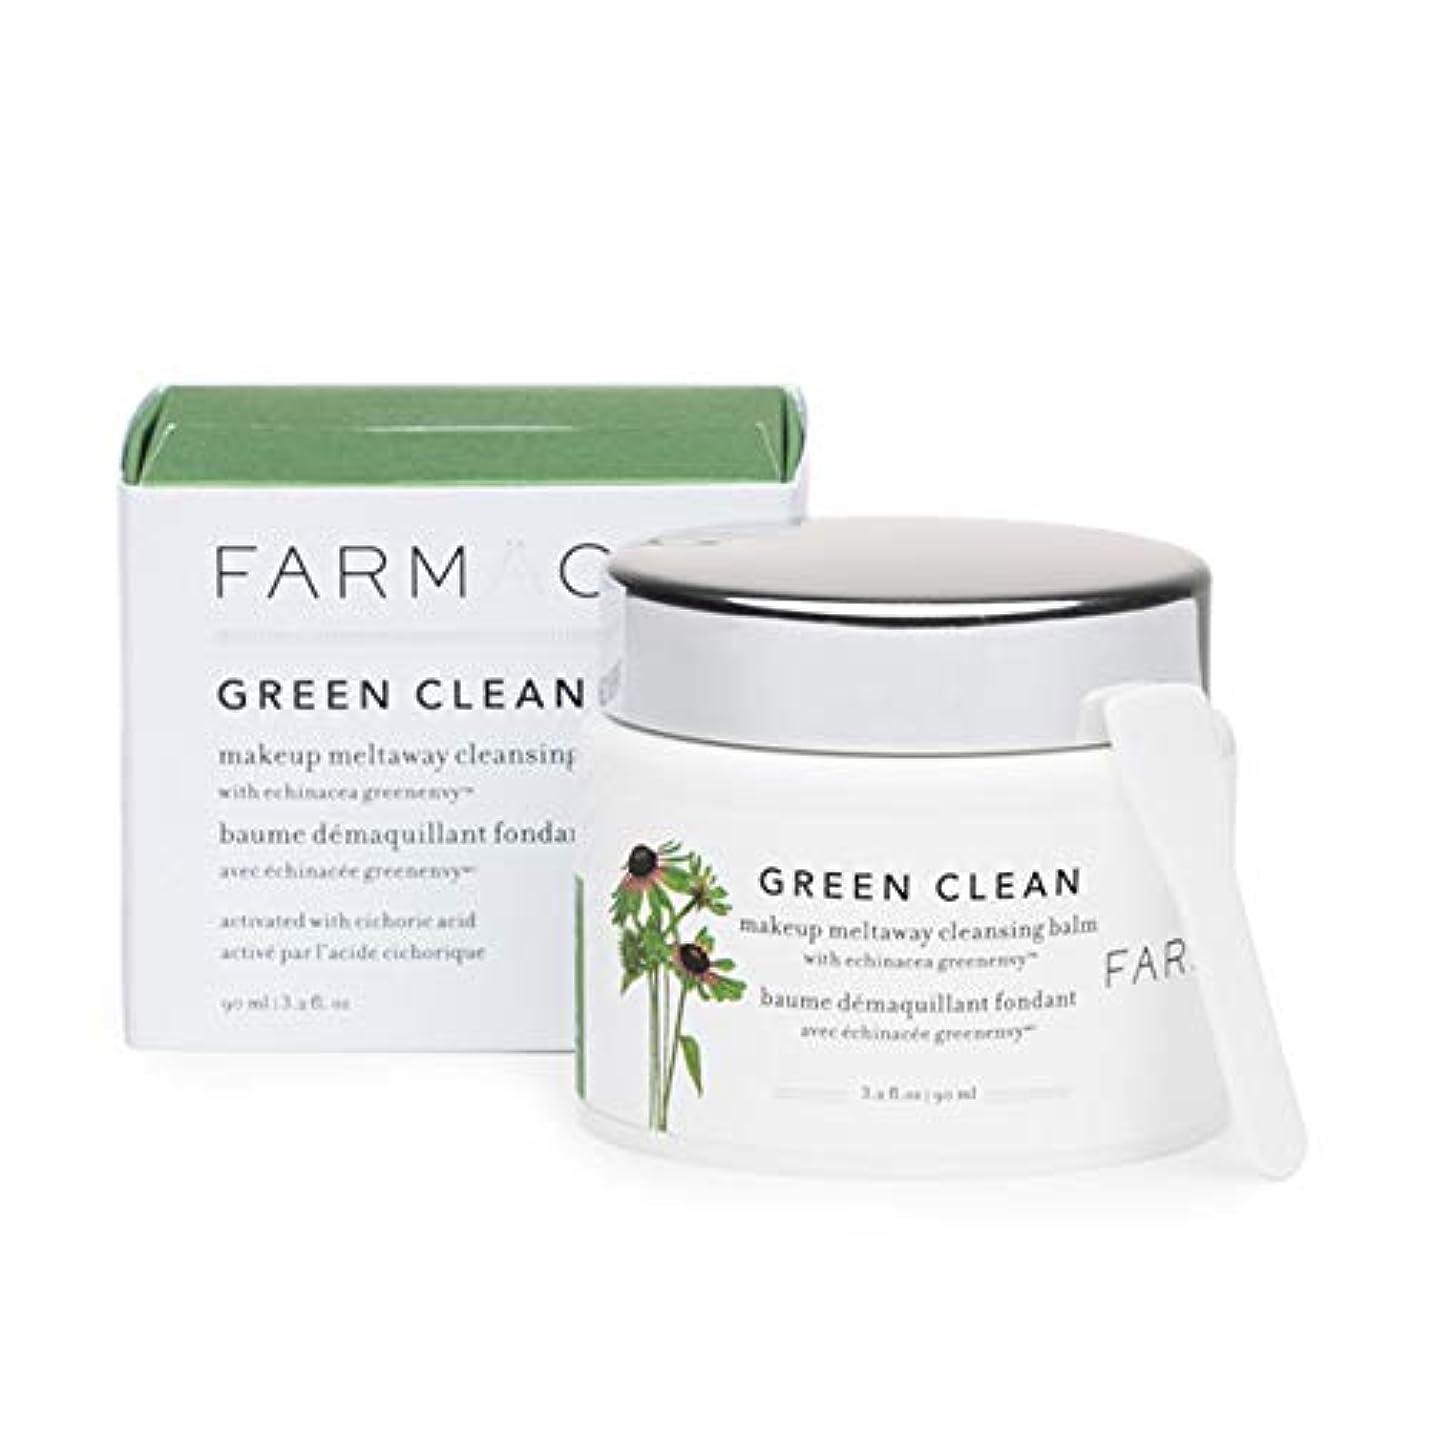 の間で厚さスカート[FARMACY] GREEN CLEAN 90ml / ファーマシーグリーンクリーン 90ml [並行輸入品]